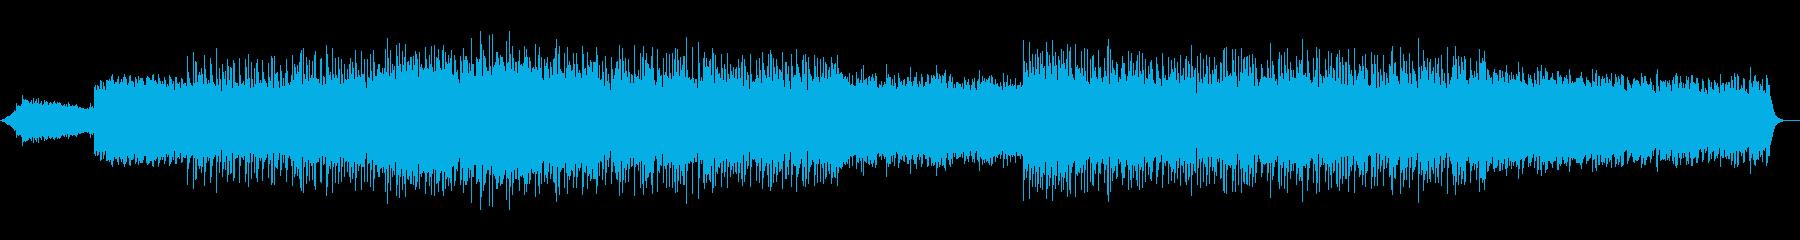 エレクトロポップ研究所きらめくクリ...の再生済みの波形